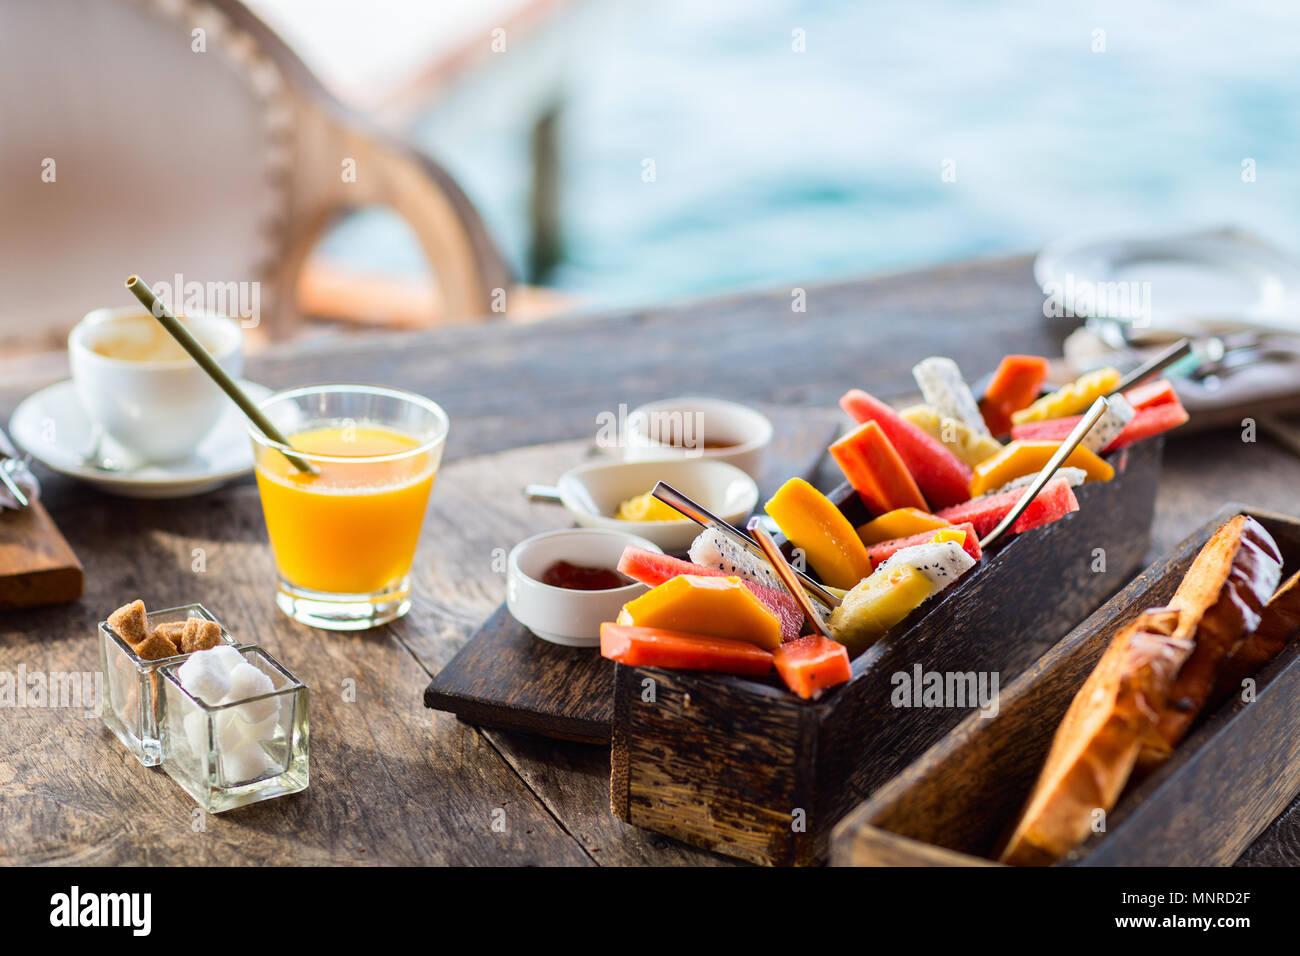 Close up di deliziosi cibi biologici serviti per colazione sulla tavola in legno rustico. Frutta, succhi di frutta, pane e marmellata. Immagini Stock